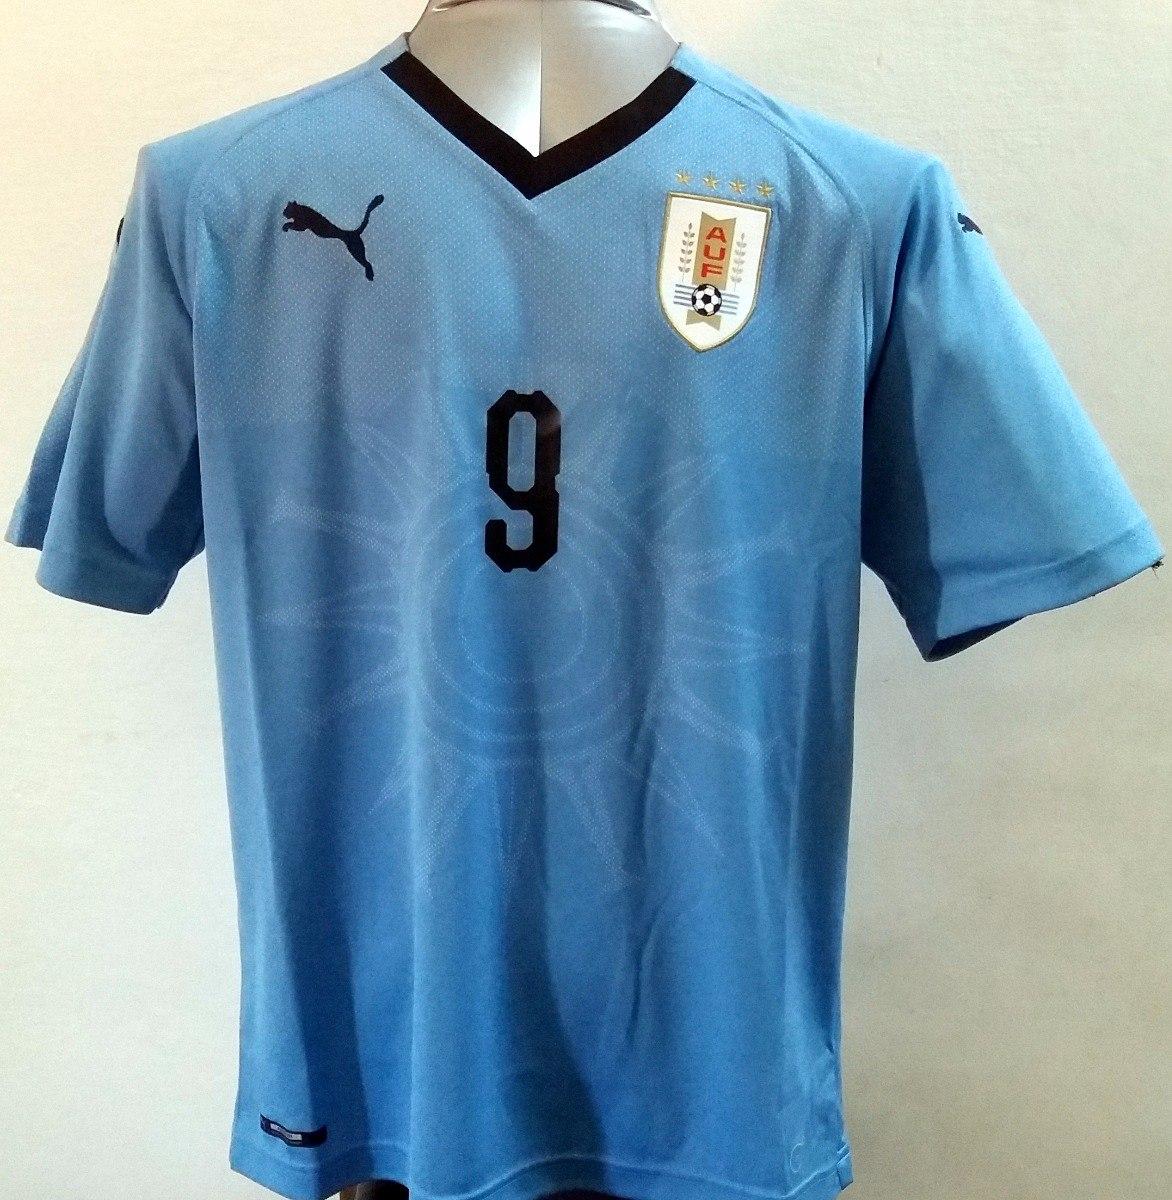 f09bb4fb72 camiseta uruguay oficial puma 2018 con numero y nombre. Cargando zoom.